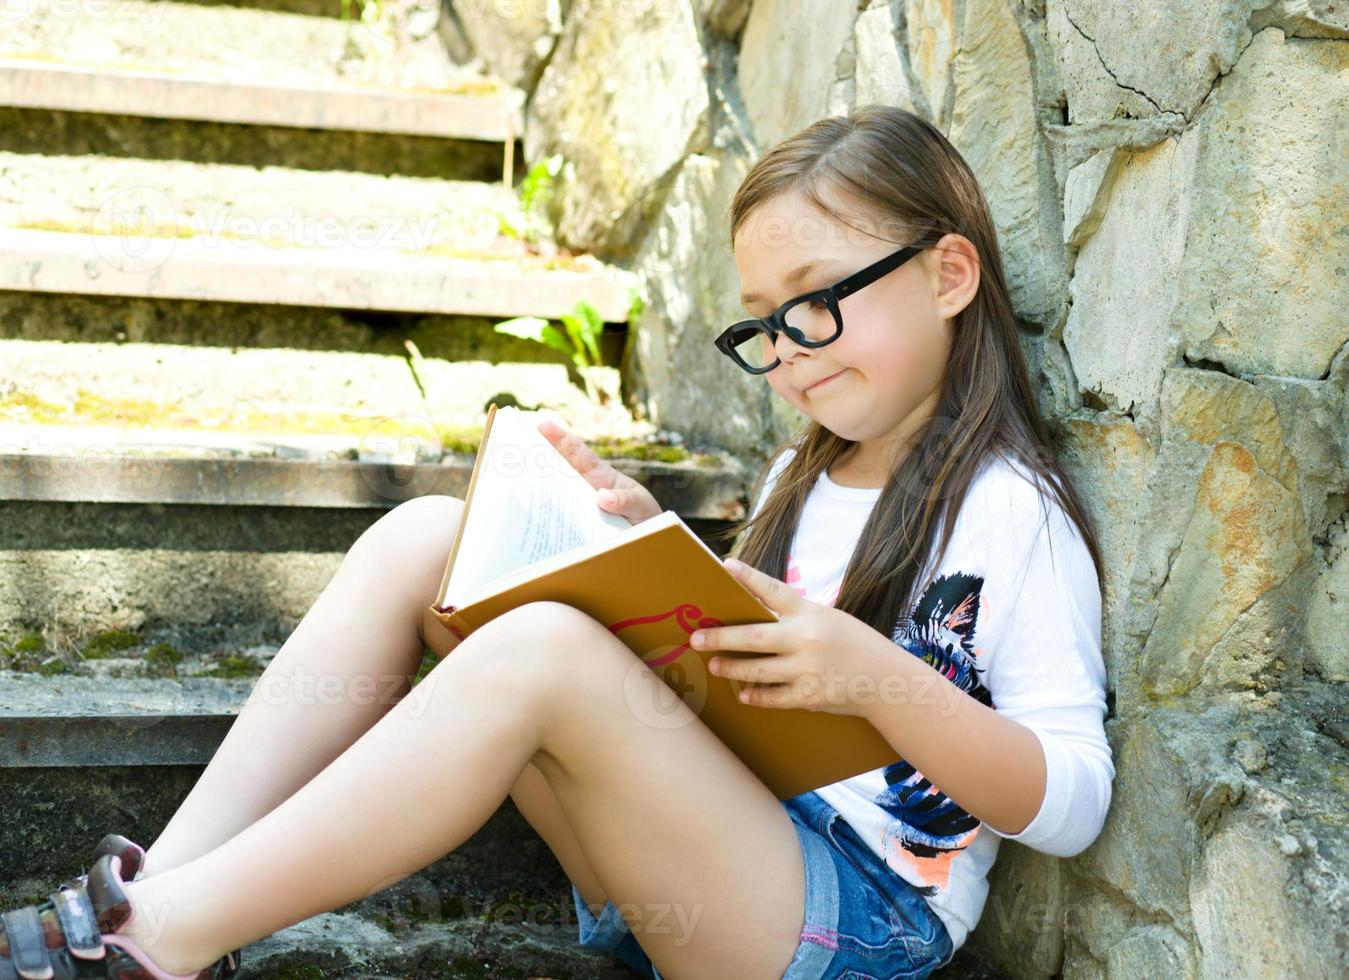 niña está leyendo un libro al aire libre foto